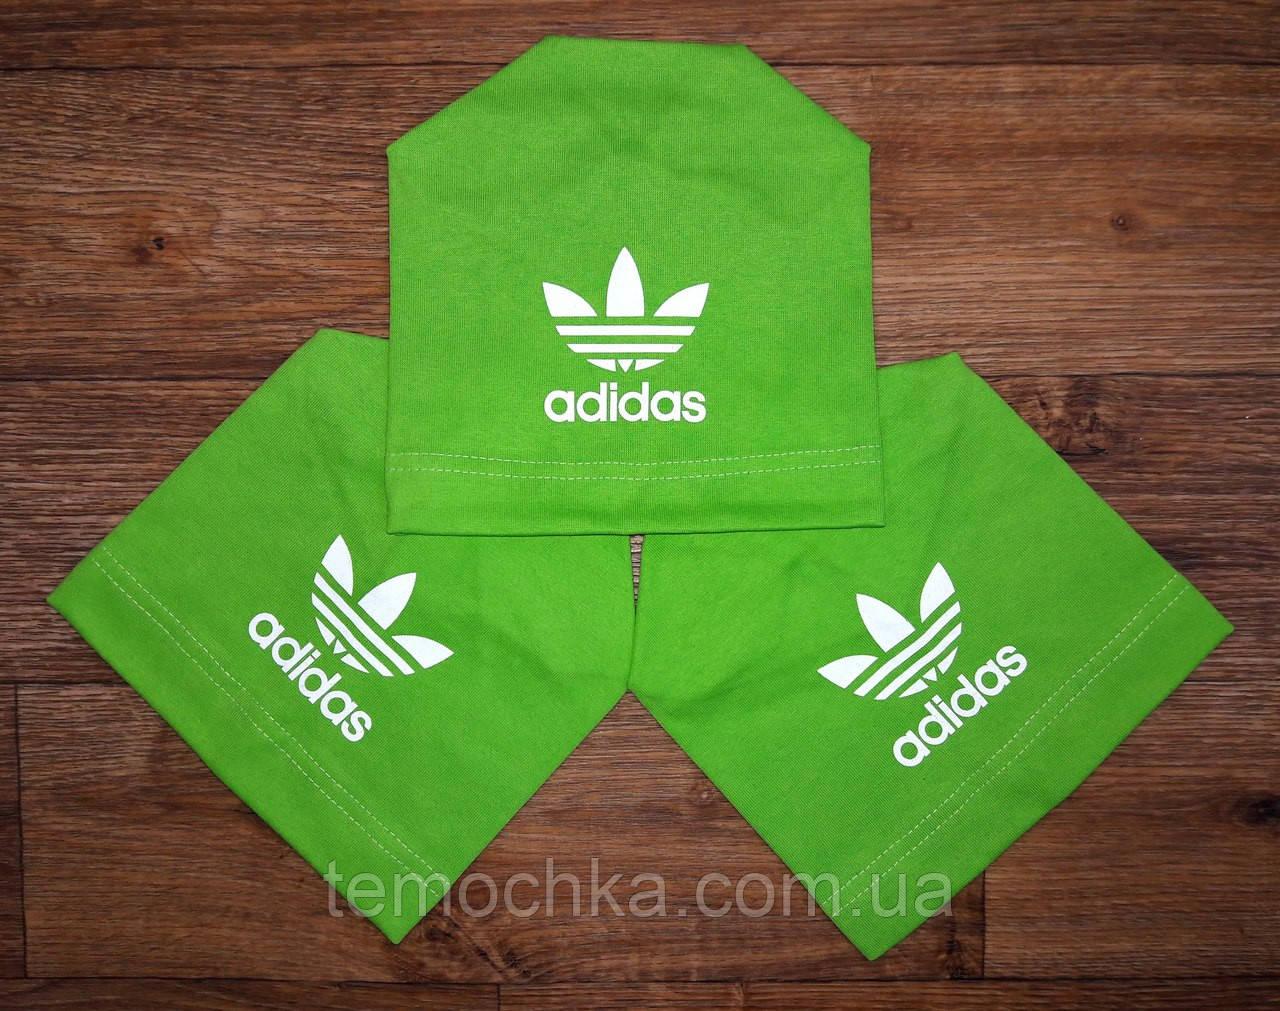 Шапка шапочка салатовая спортивная детская для мальчика или девочки Адидас Adidas